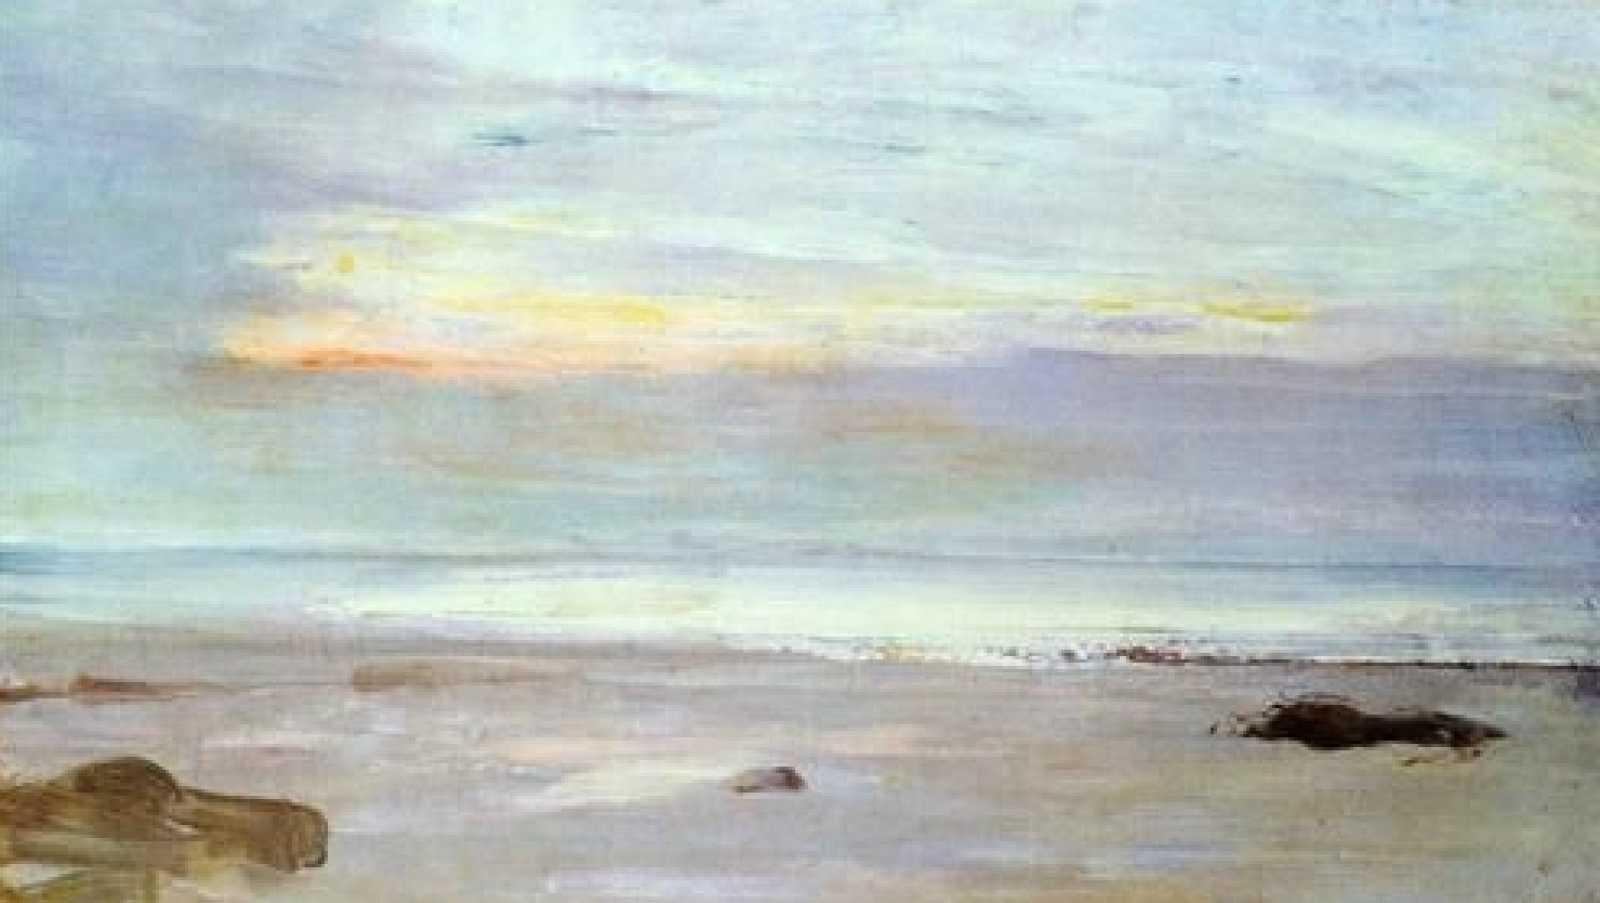 Música con estilo - Debussy y el mar - 01/07/18 - escuchar ahora